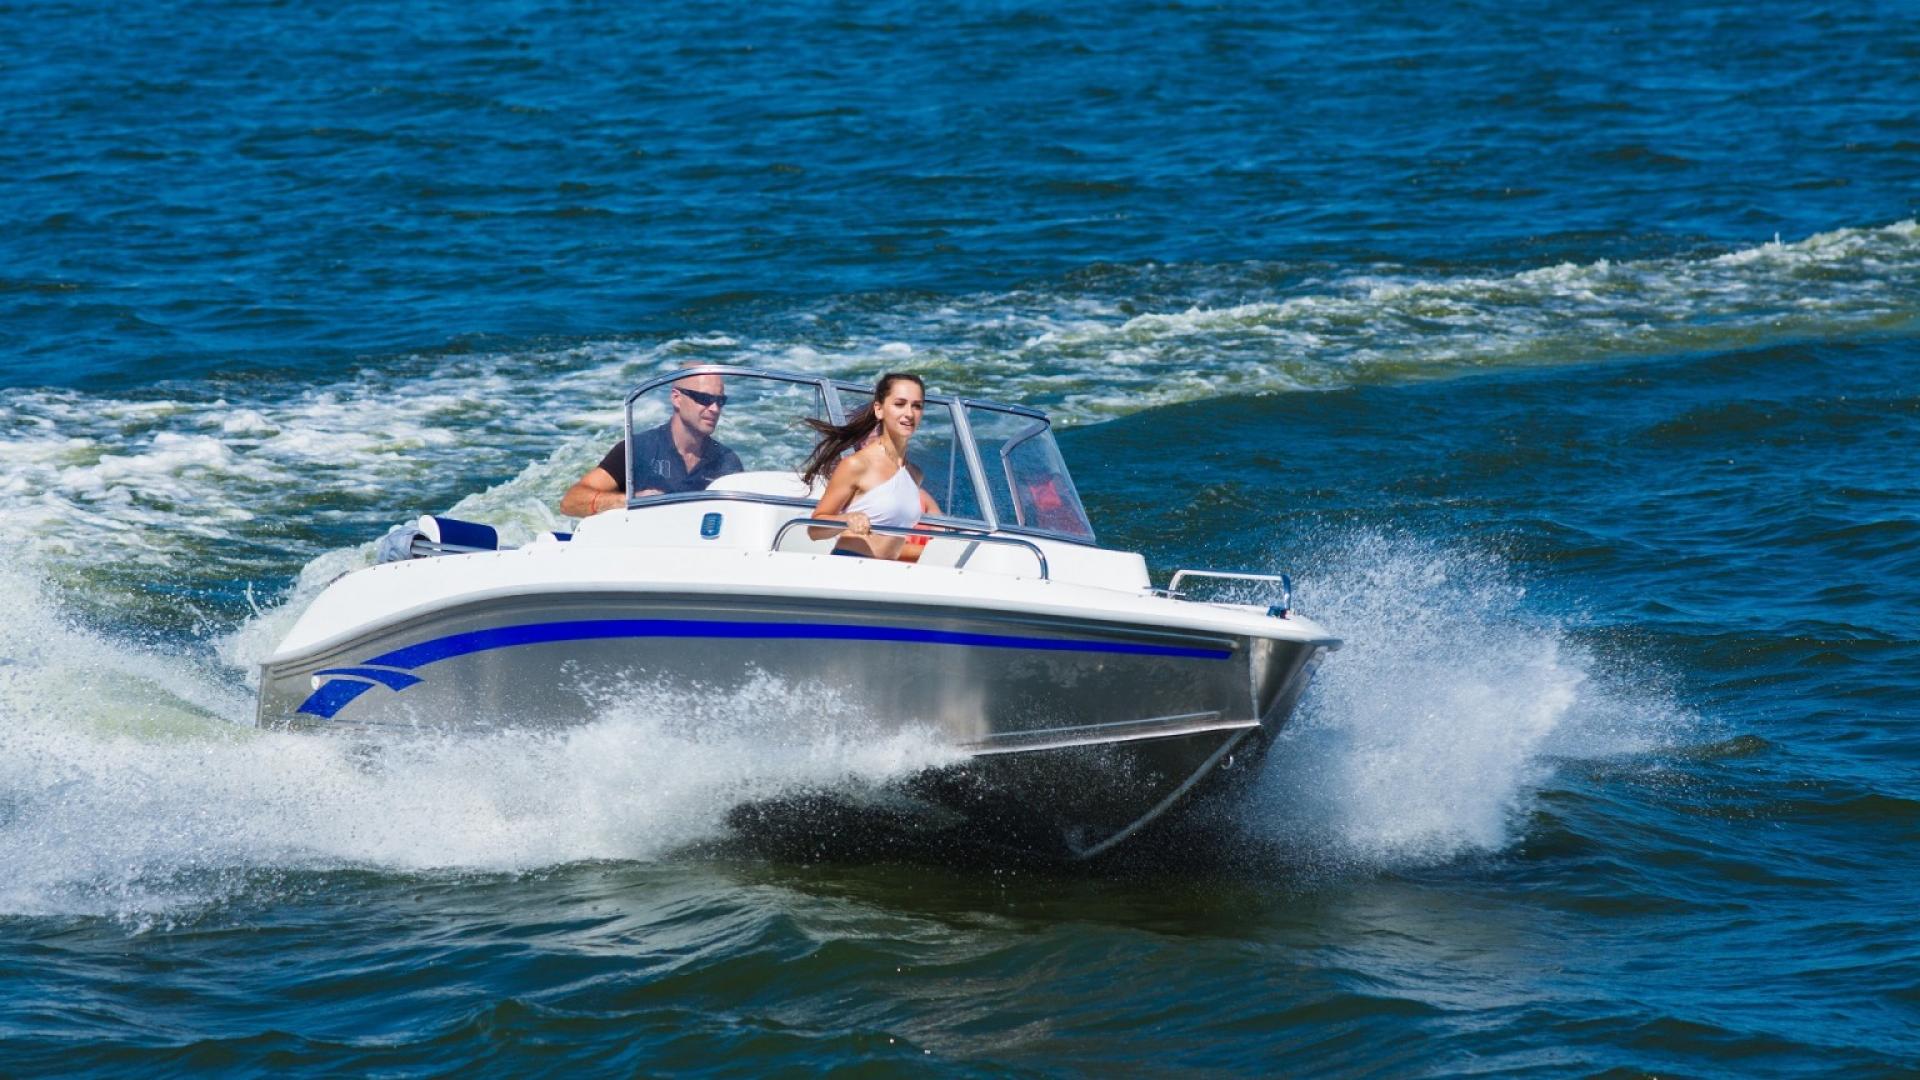 c2c permis bateau loisirs et sports office de tourisme de saint cyprien. Black Bedroom Furniture Sets. Home Design Ideas